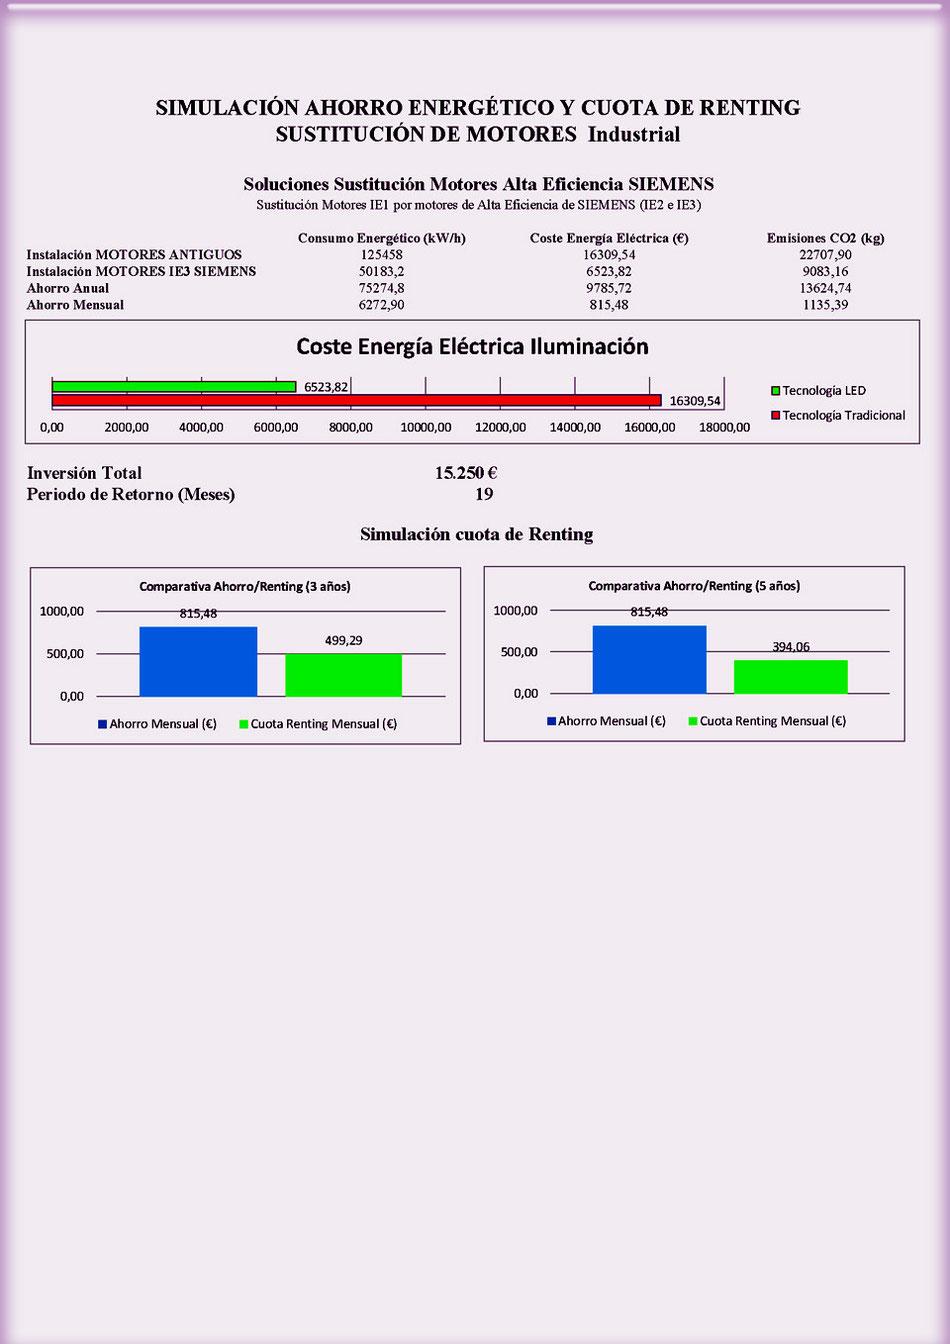 Simulación de cuota de renting tecnológico motores industriales